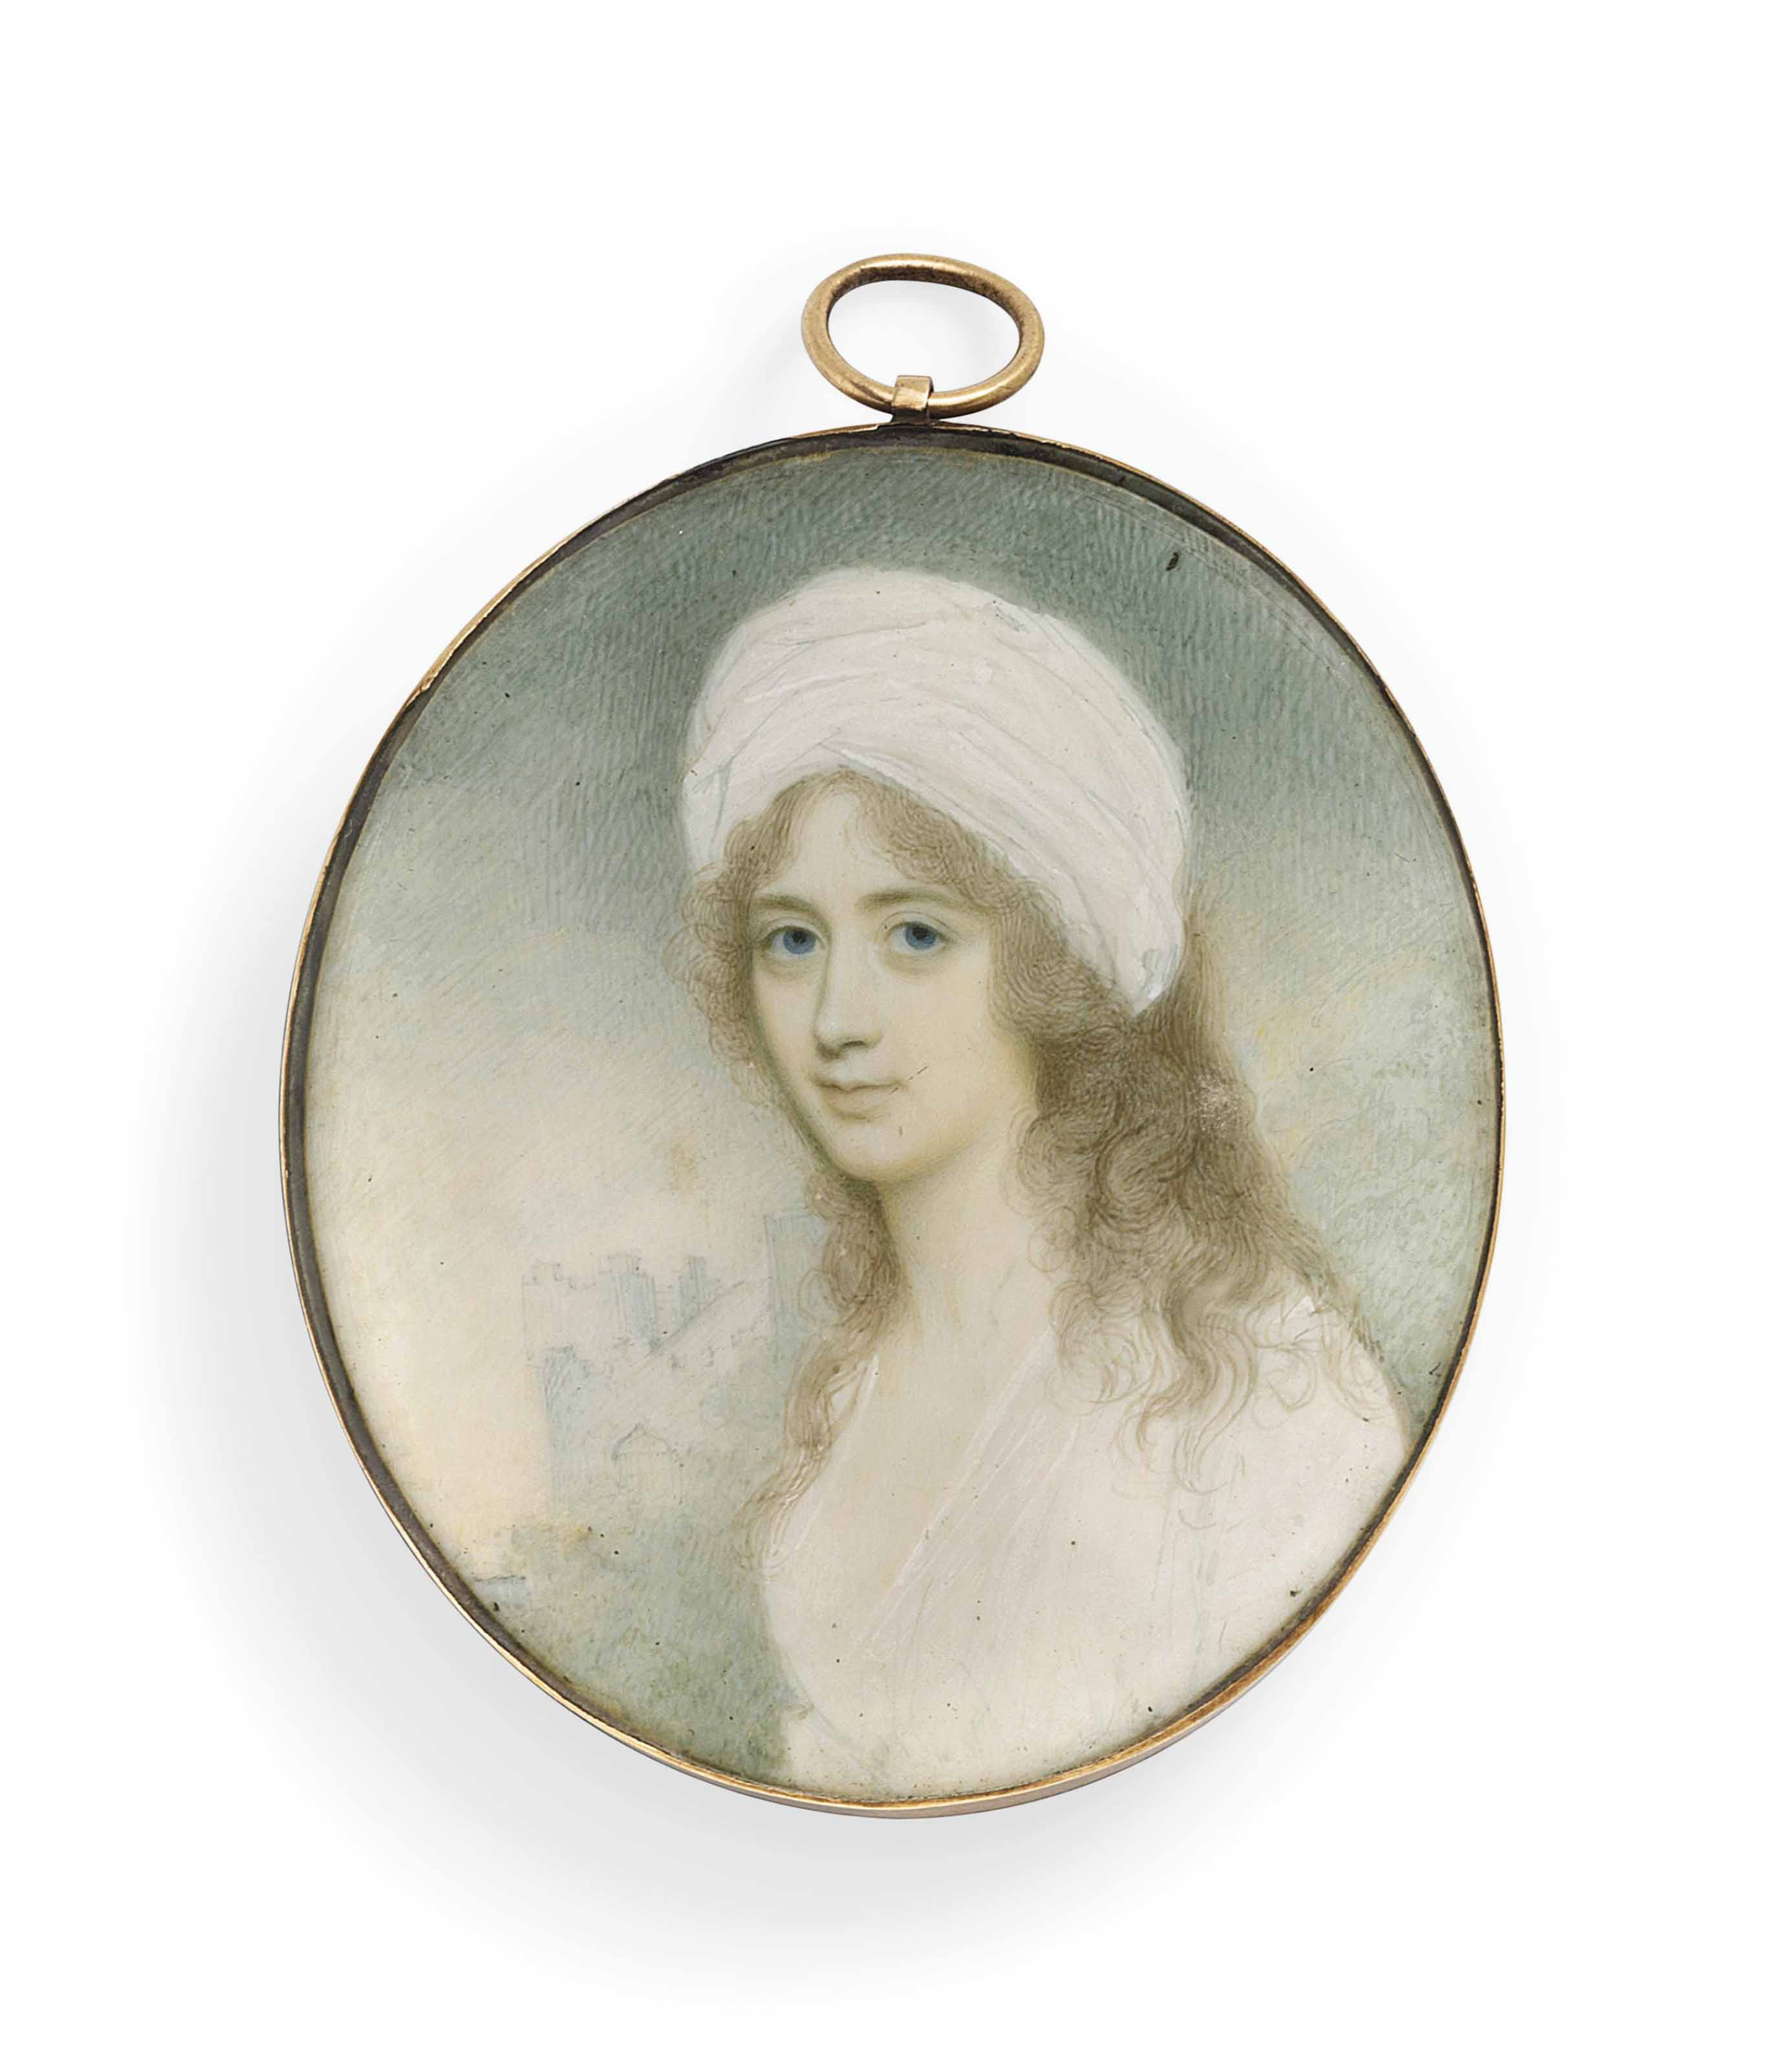 CHARLES ROBERTSON (IRISH, 1759-1821)